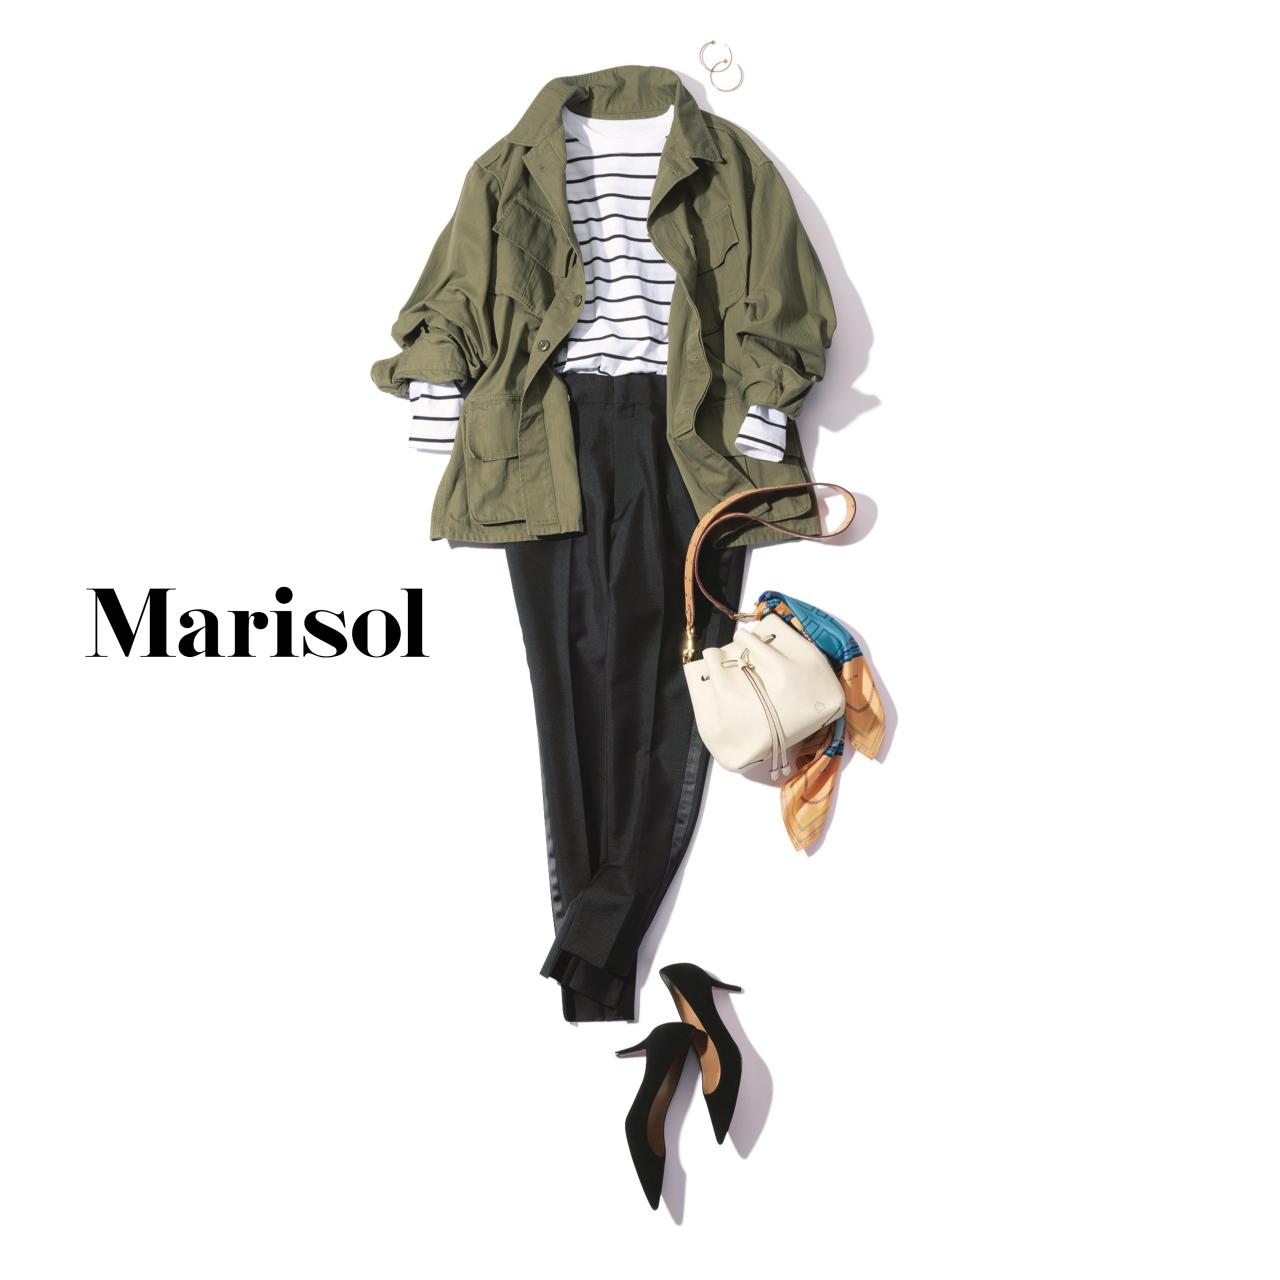 40代ファッション ボーダーTシャツ×ミリタリージャケット×黒パンツコーデ